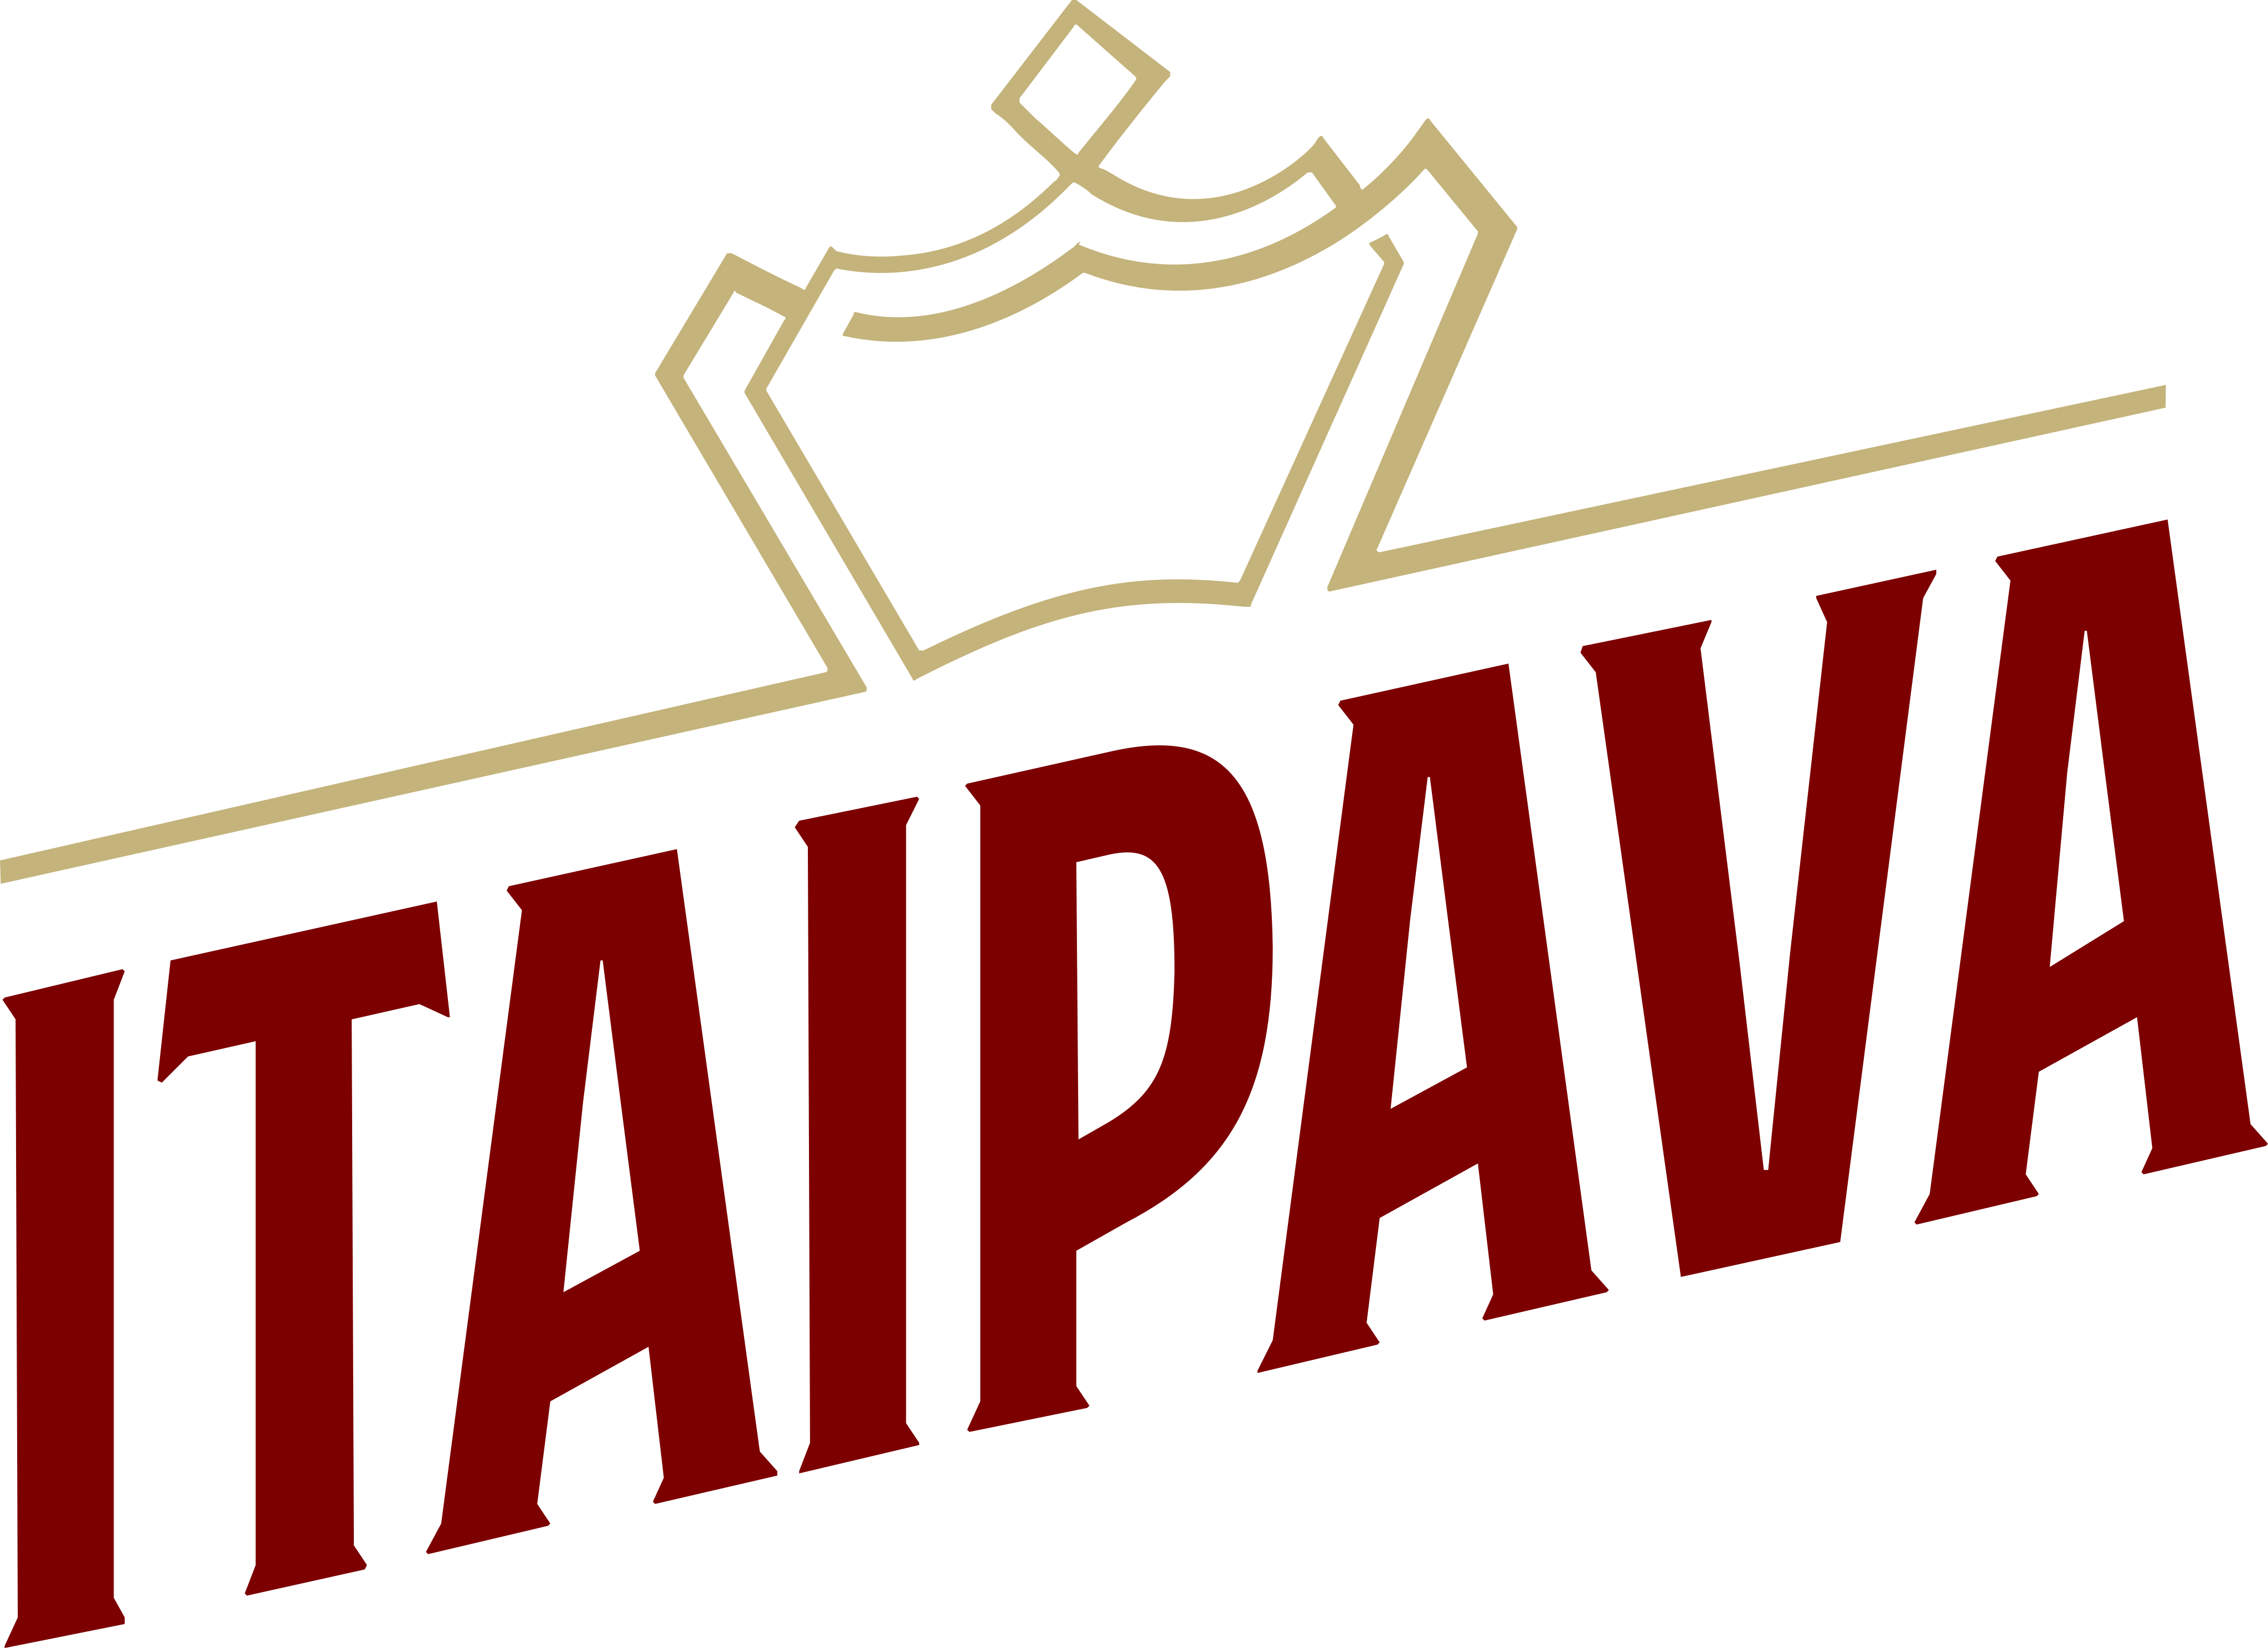 itaipava logo 1 - Itaipava Logo